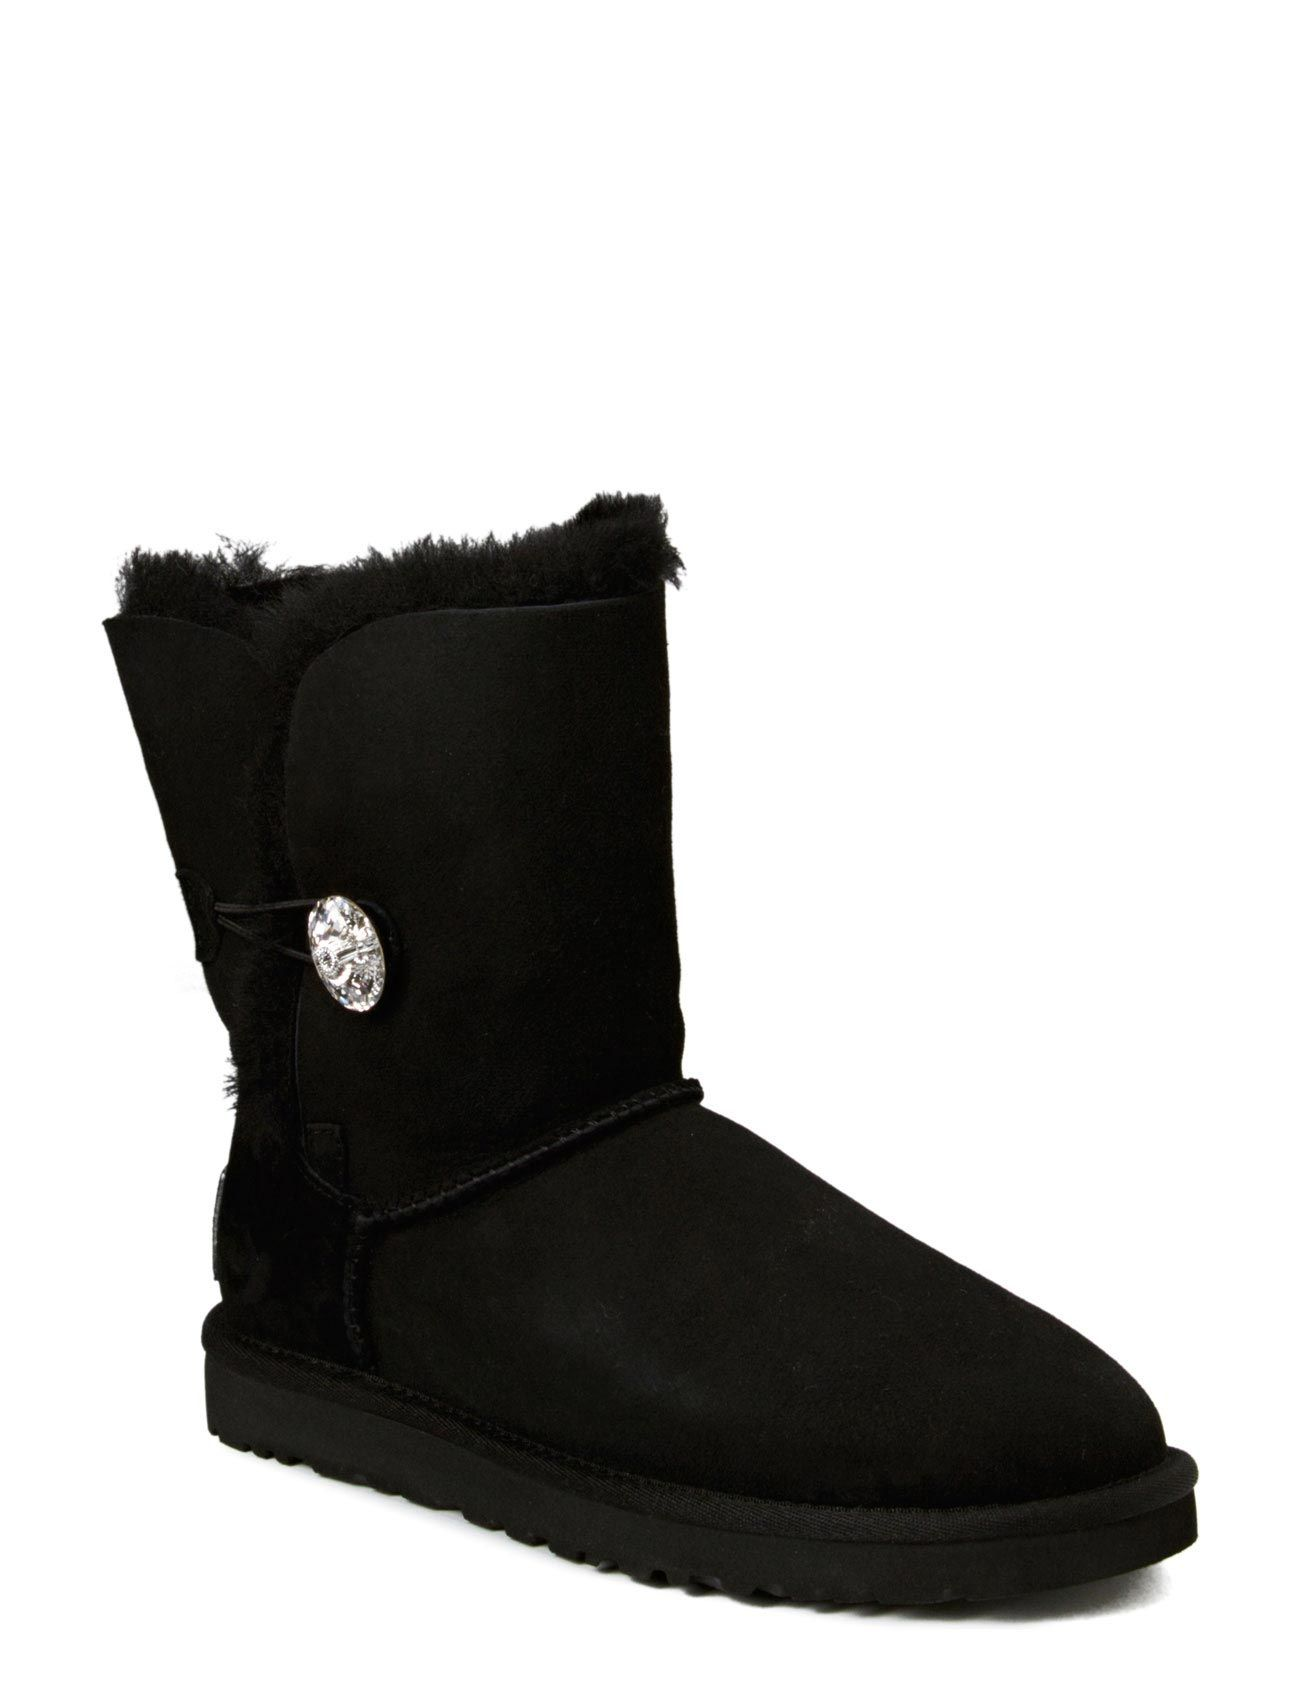 do ugg kensington boots stretch